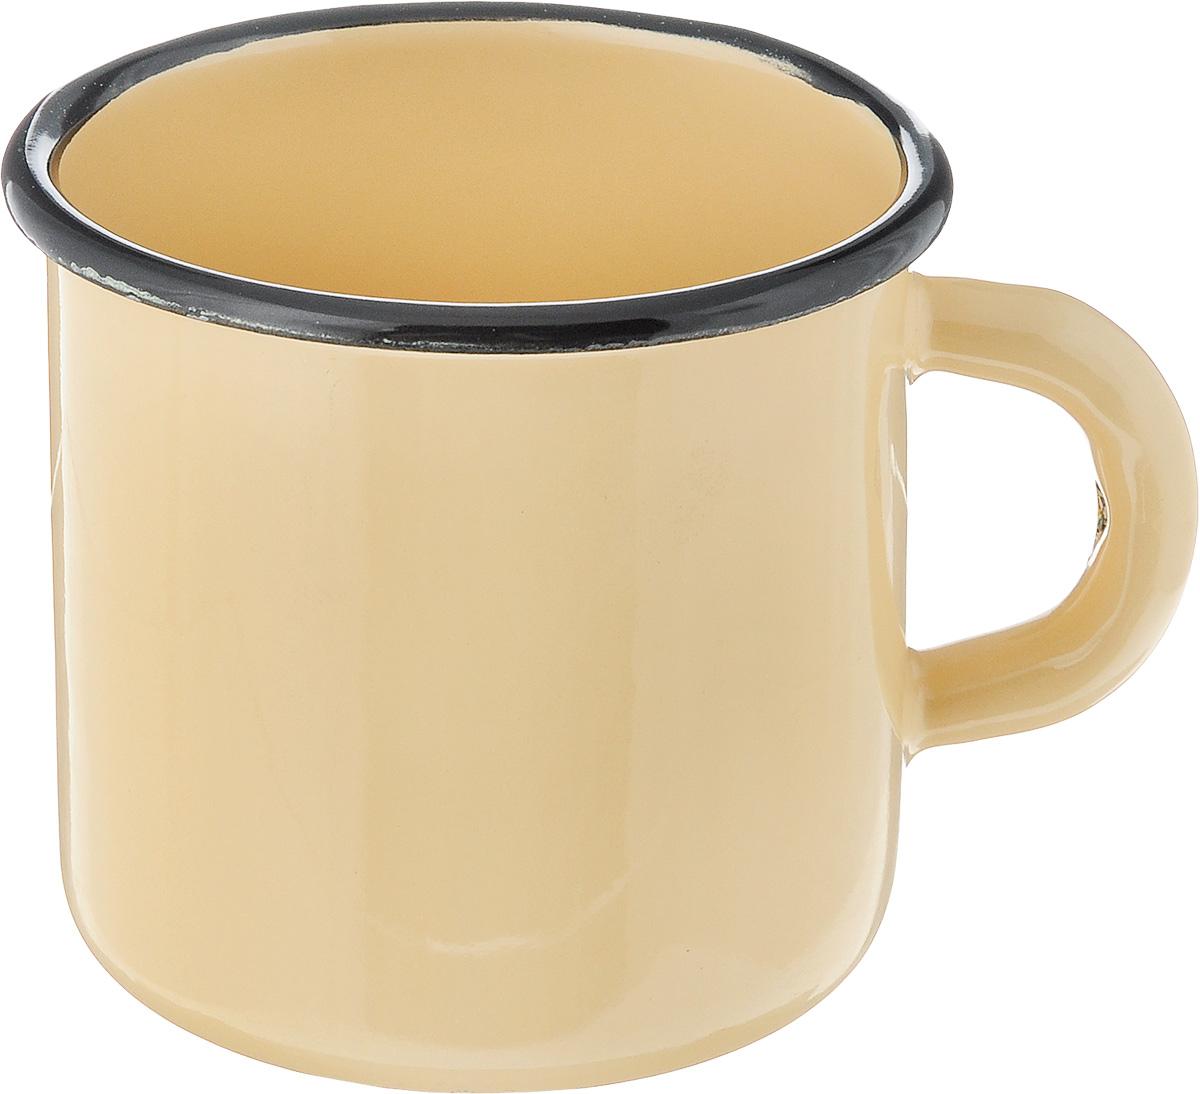 Кружка эмалированная СтальЭмаль, цвет: желтый, 400 мл1с2сКружка СтальЭмаль изготовлена из высококачественной стали с эмалированным покрытием. Она оснащена удобной ручкой. Такая кружка не требует особого ухода и ее легко мыть. Благодаря классическому дизайну и удобству в использовании кружка займет достойное место на вашей кухне.